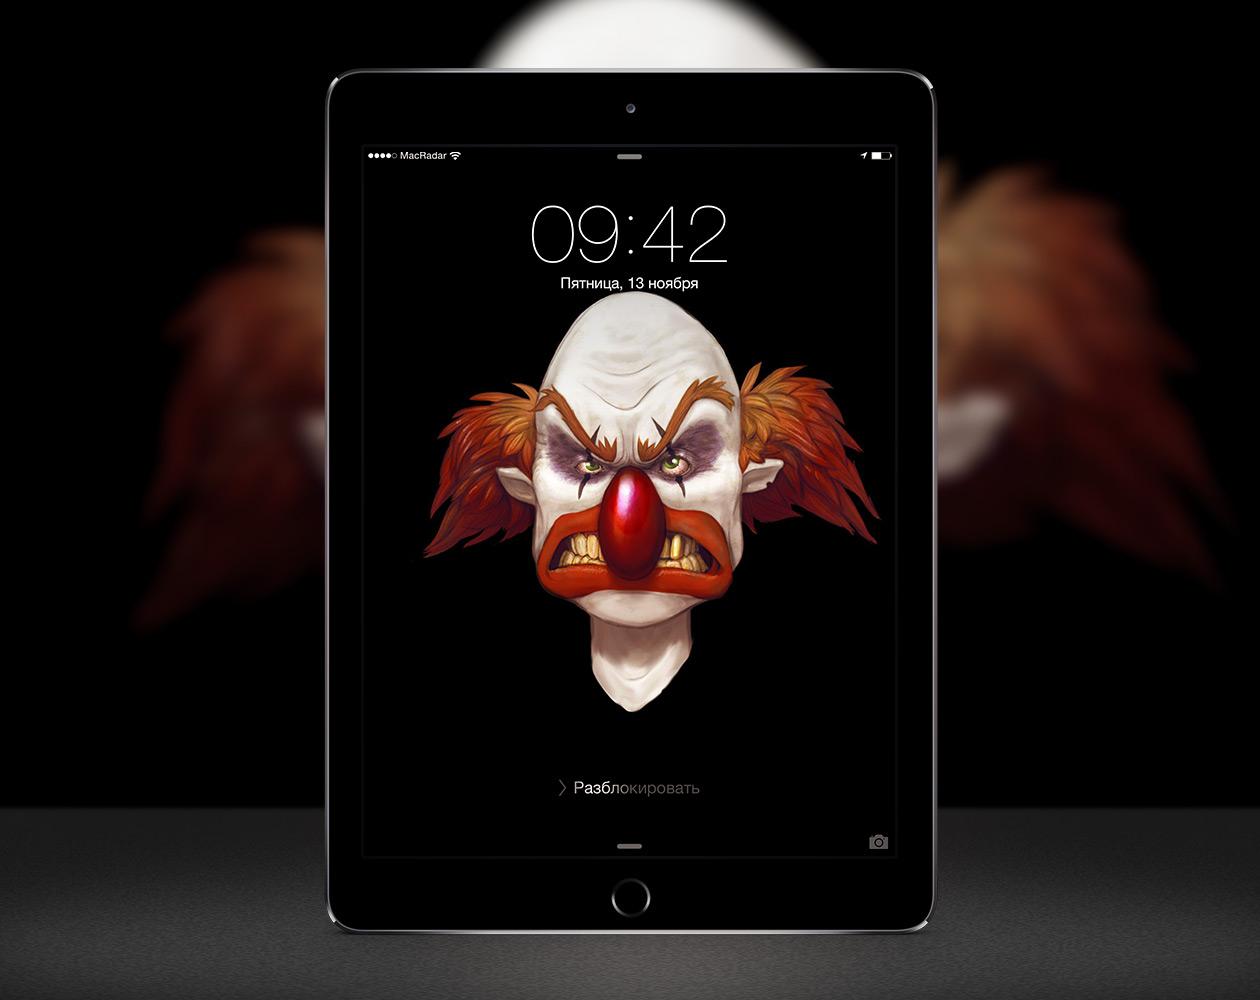 Обои для iPad: Ужастей заказывали?